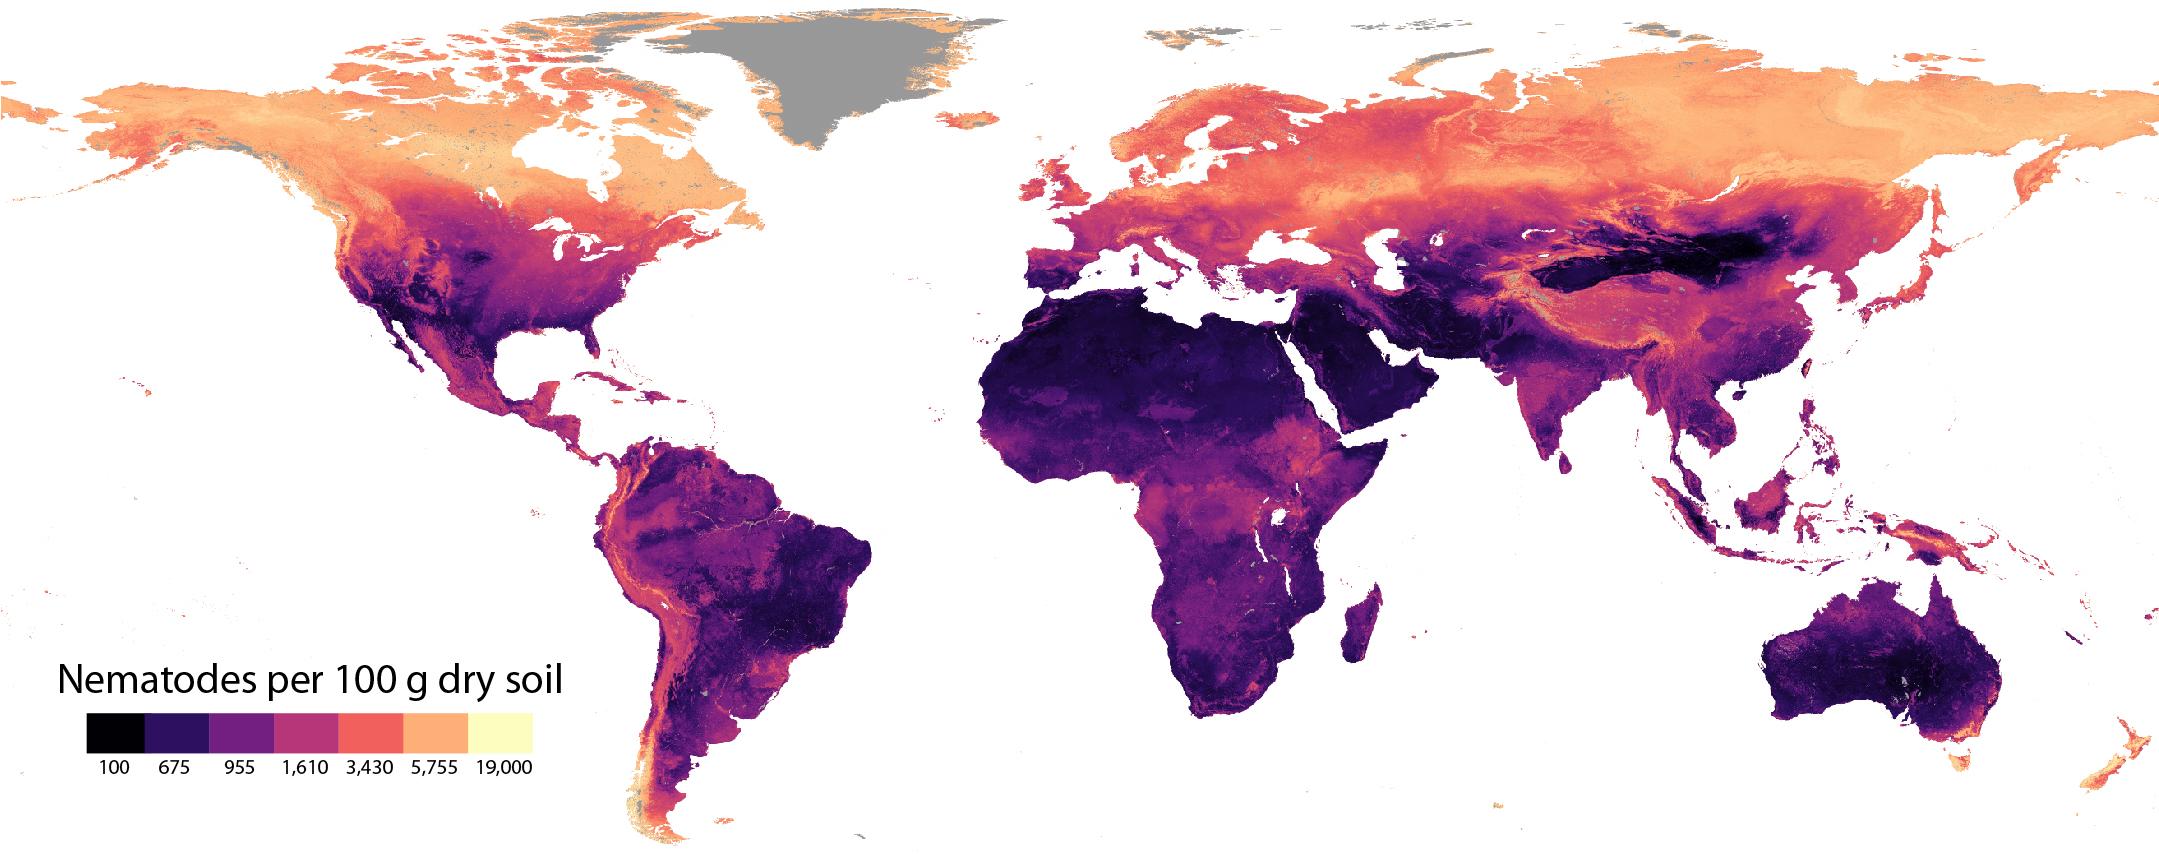 Global soil nematode abundance, in individuals per 100 gram dry soil